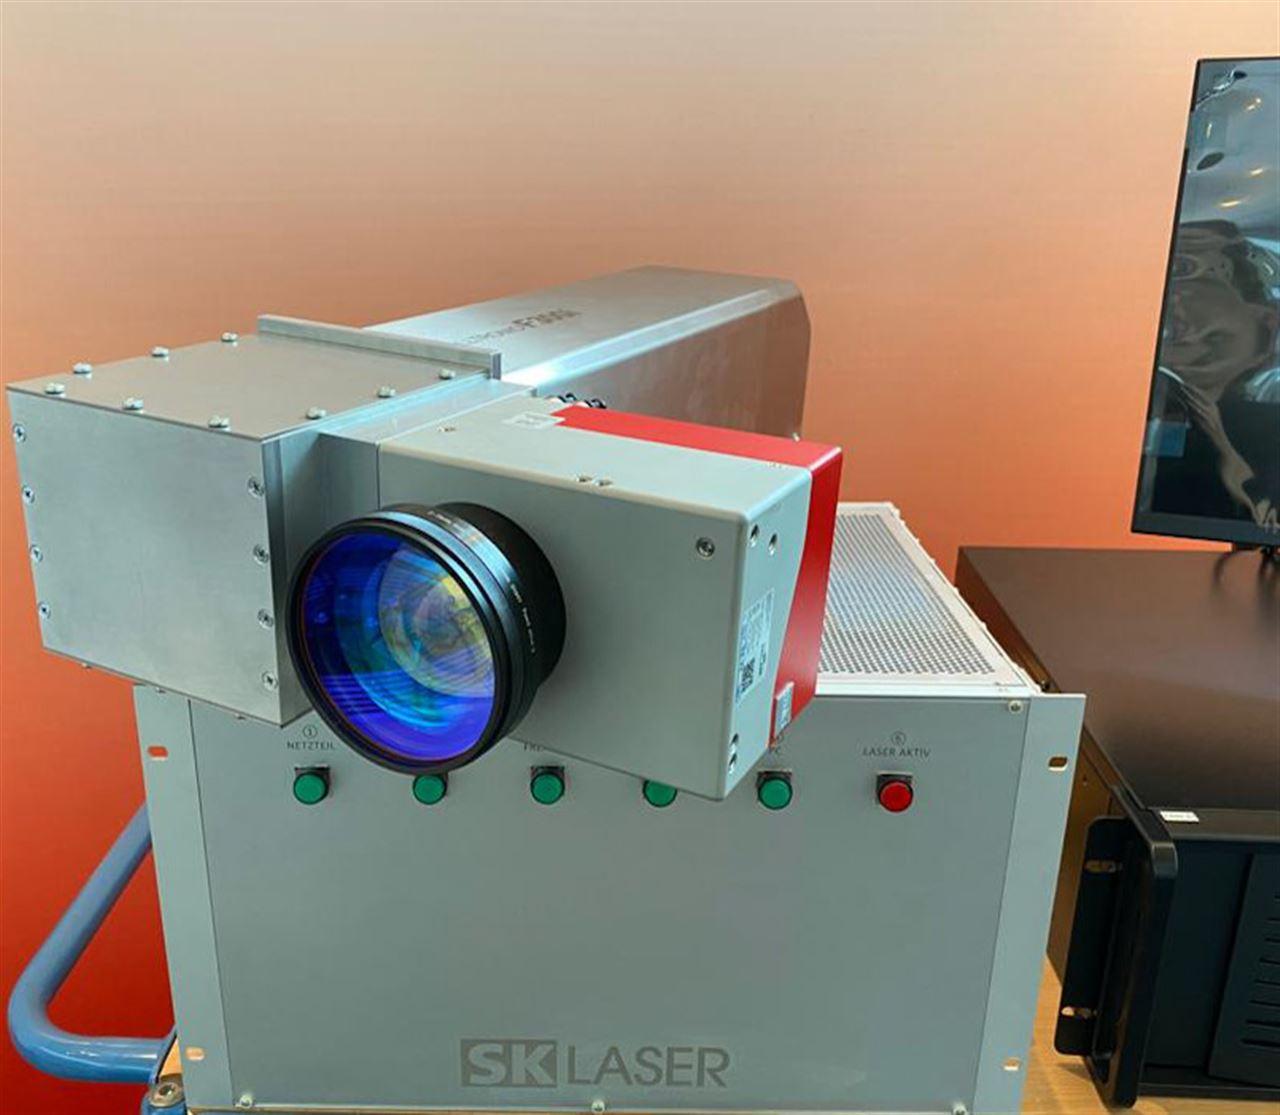 SK LASER High Speed Laser F300i